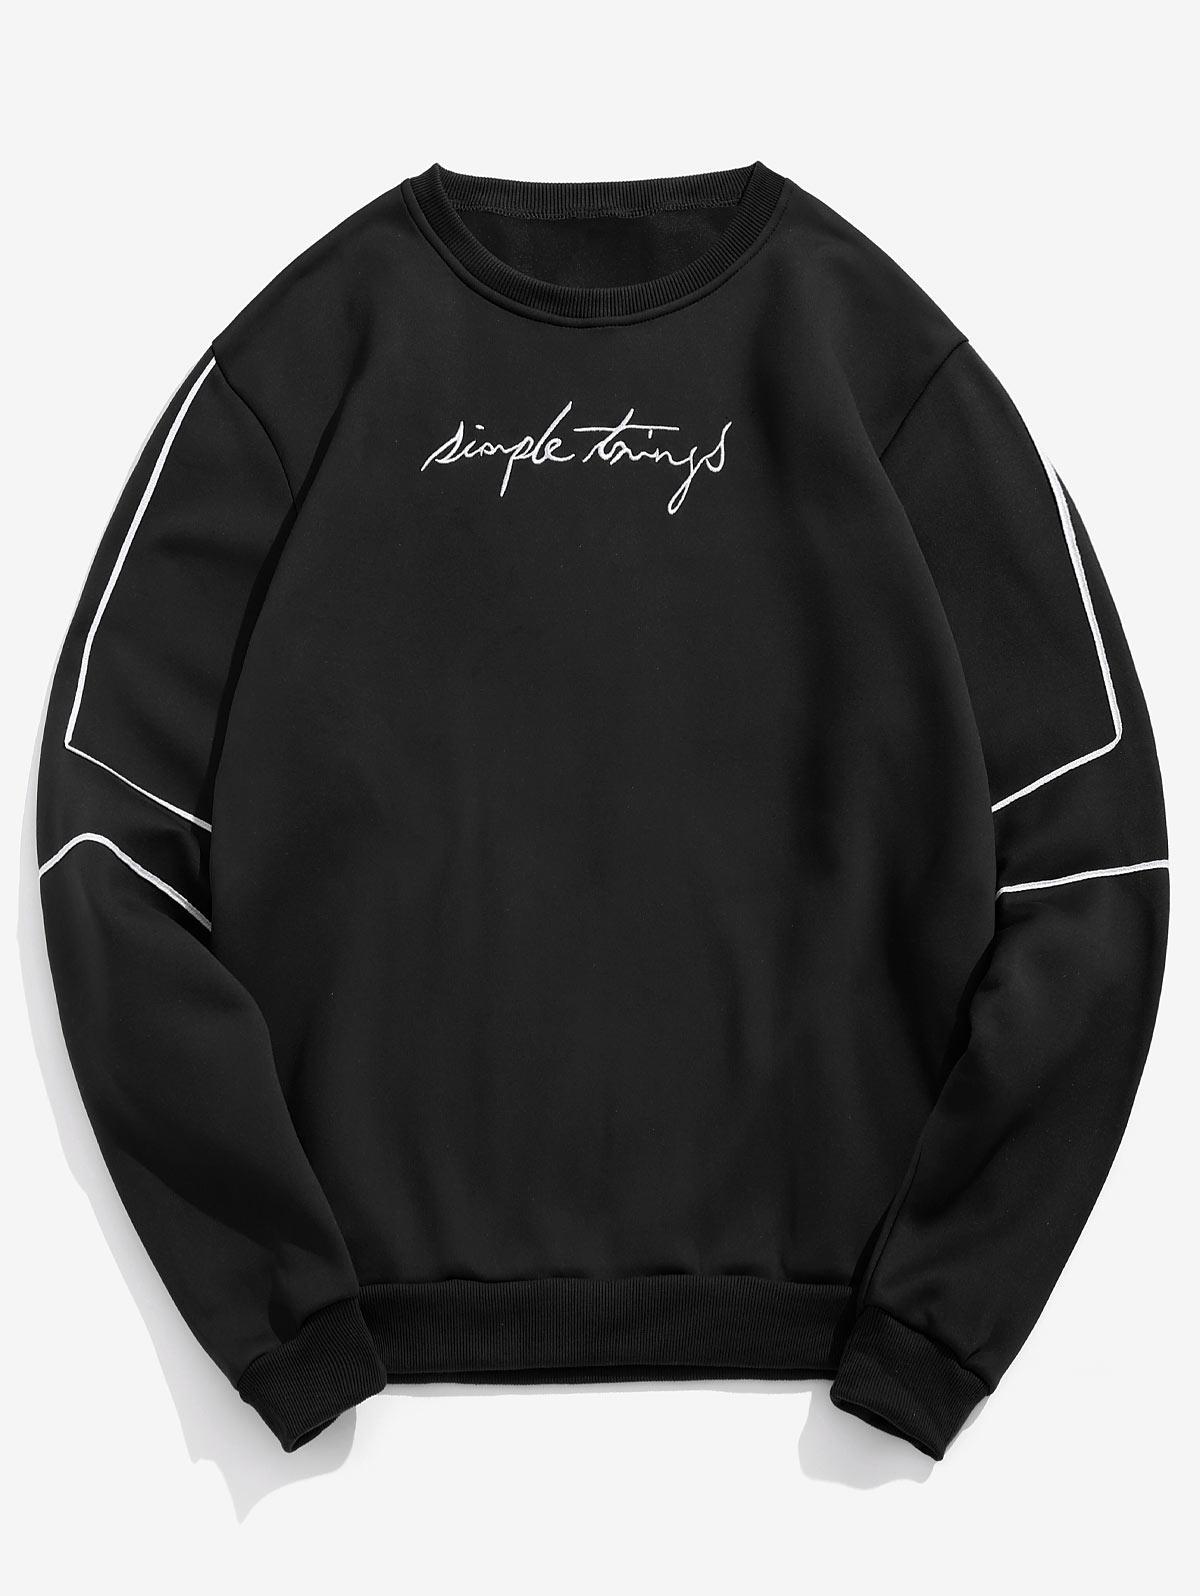 Embroidery Letter Striped Fleece Sweatshirt, Black